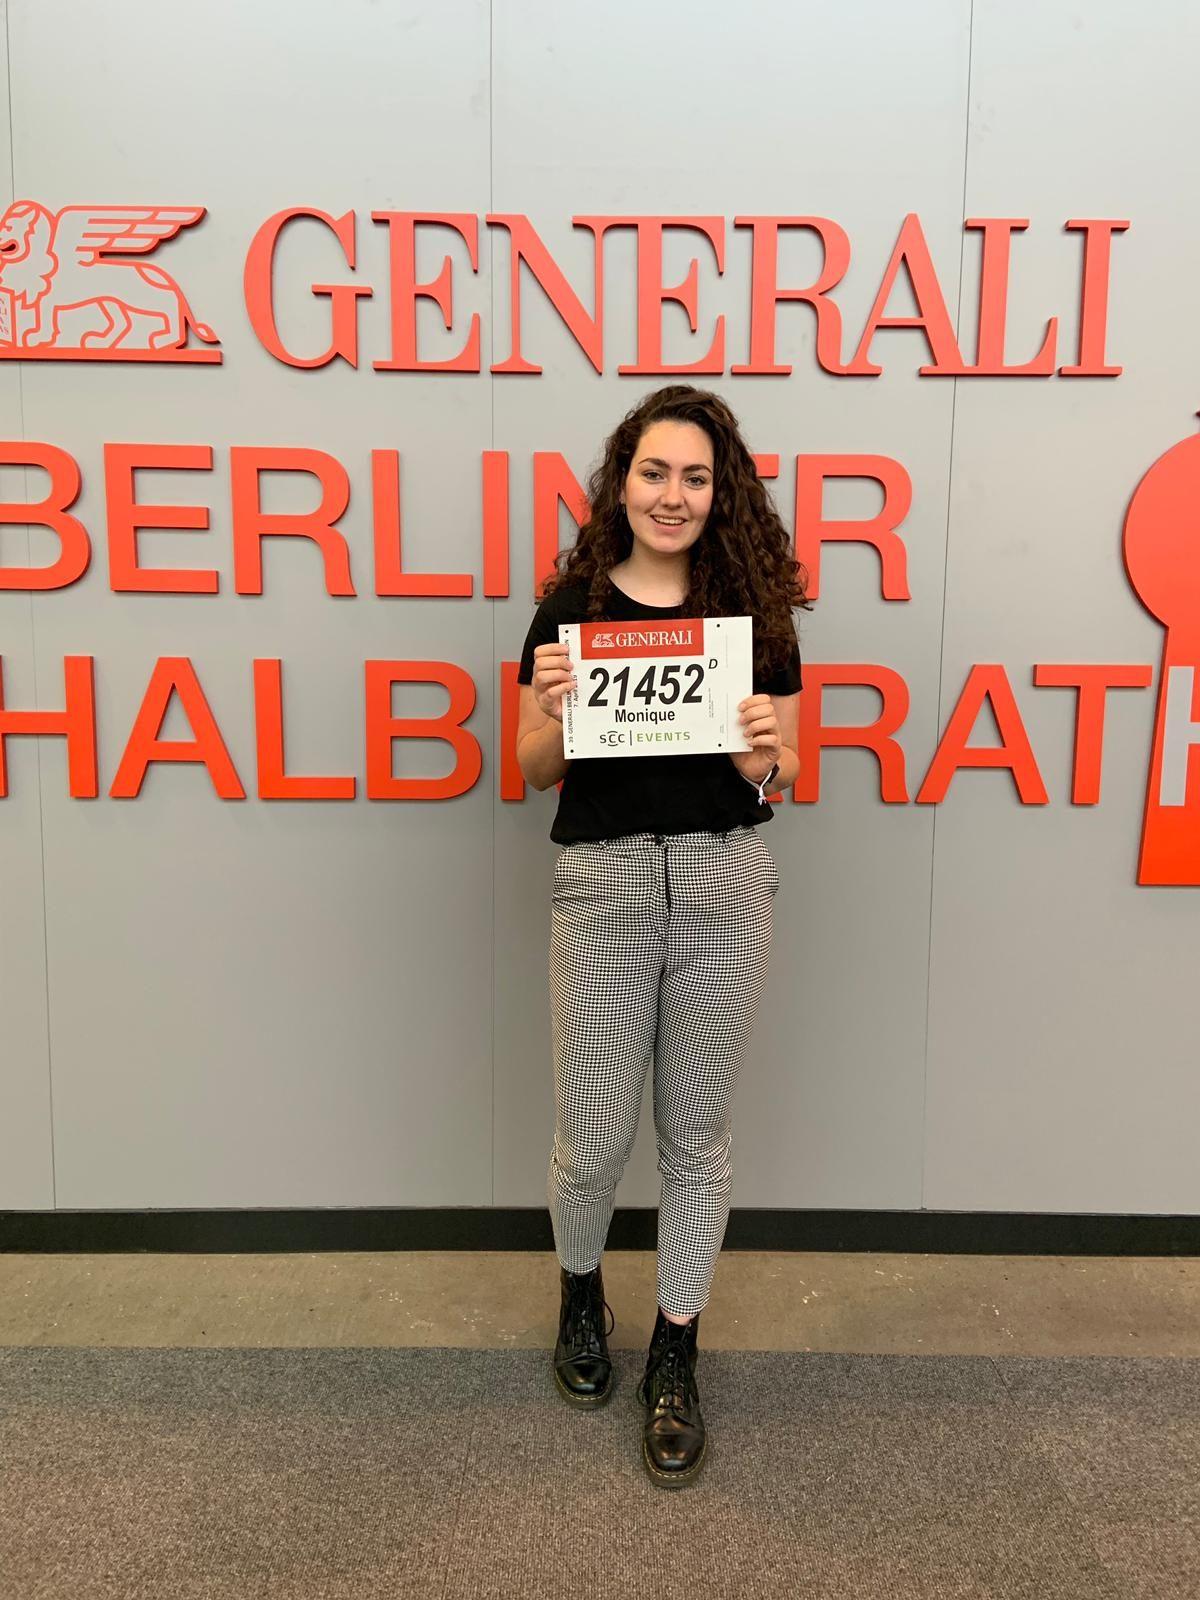 Berliner Halbmarathon – 7 april 2019